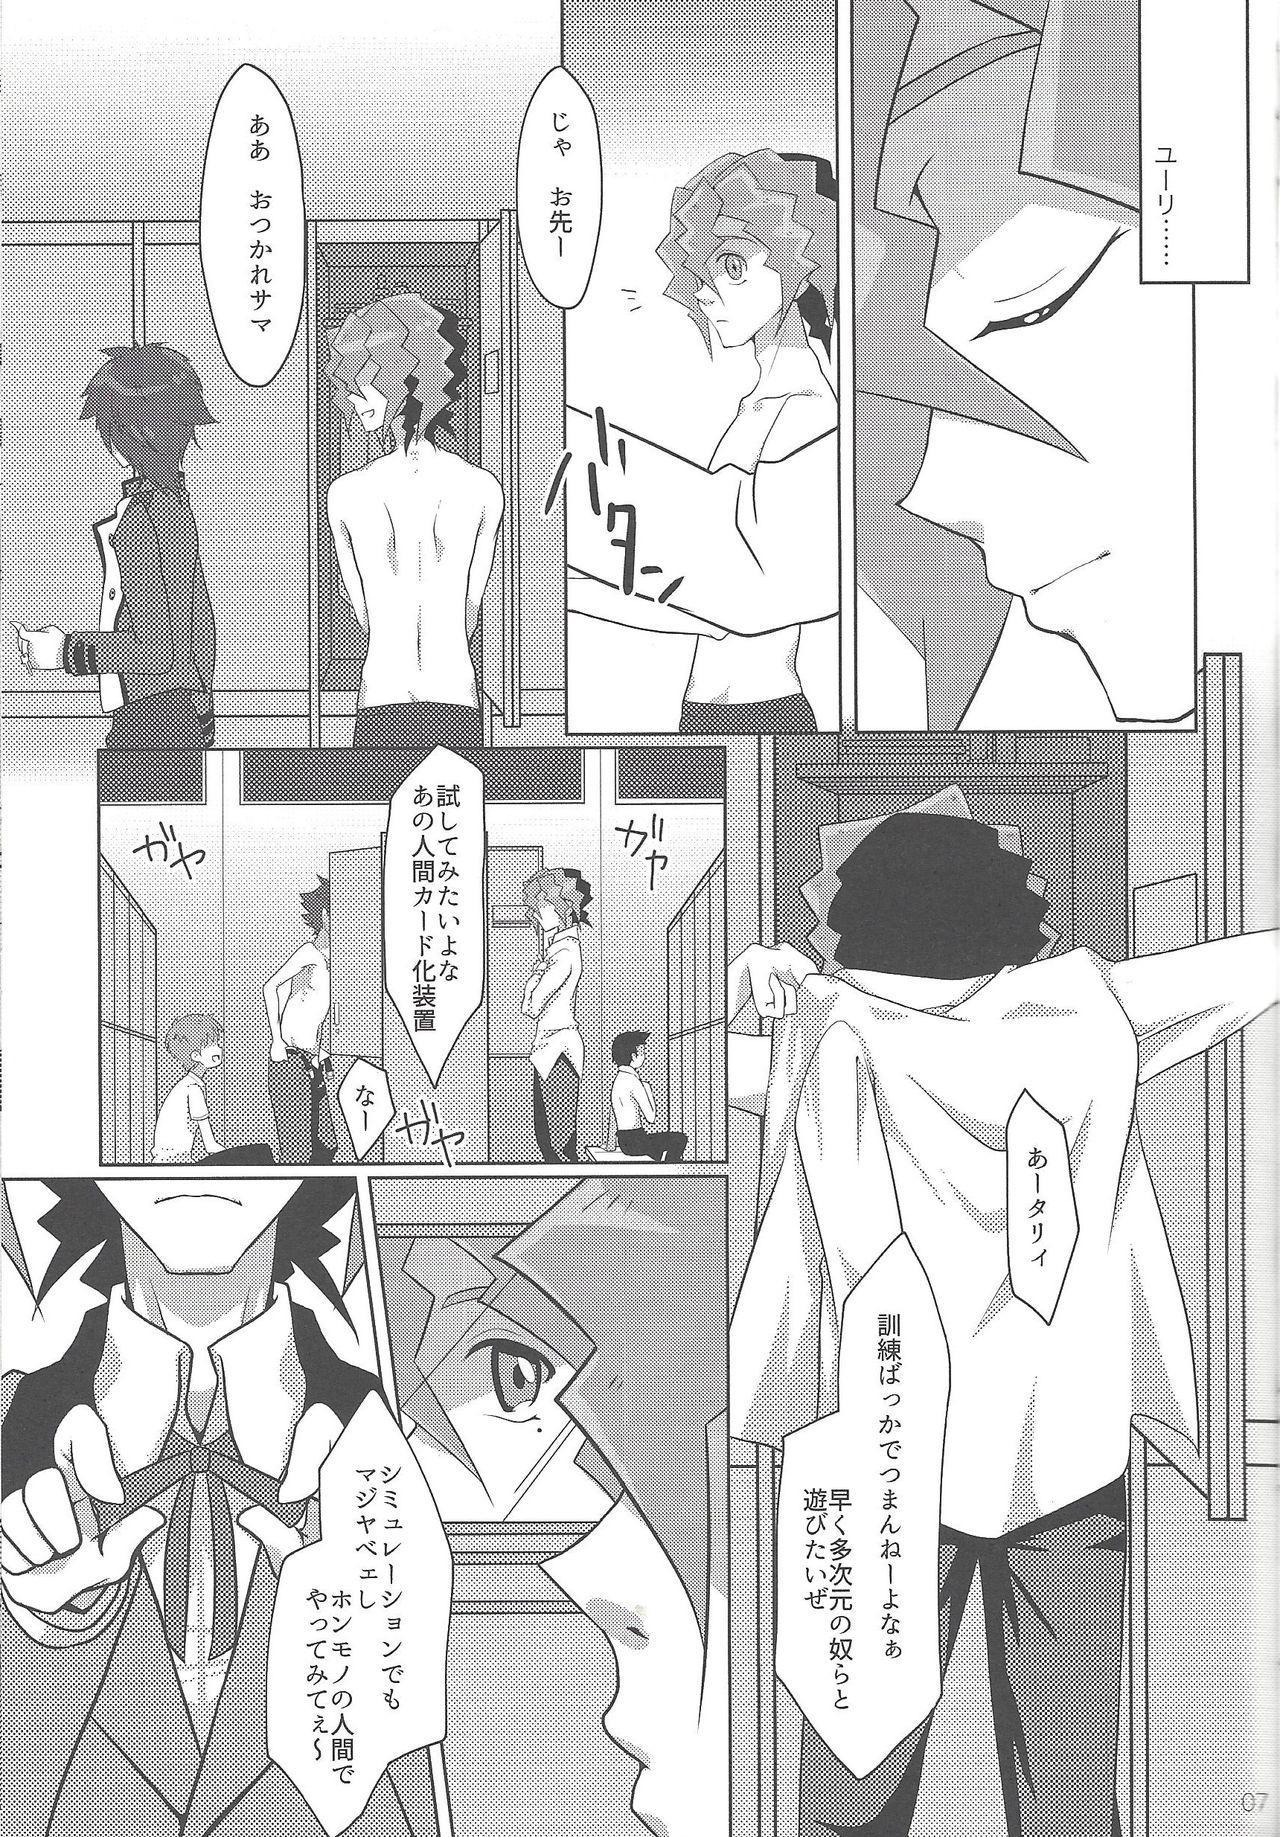 Hakoniwa Escape 4